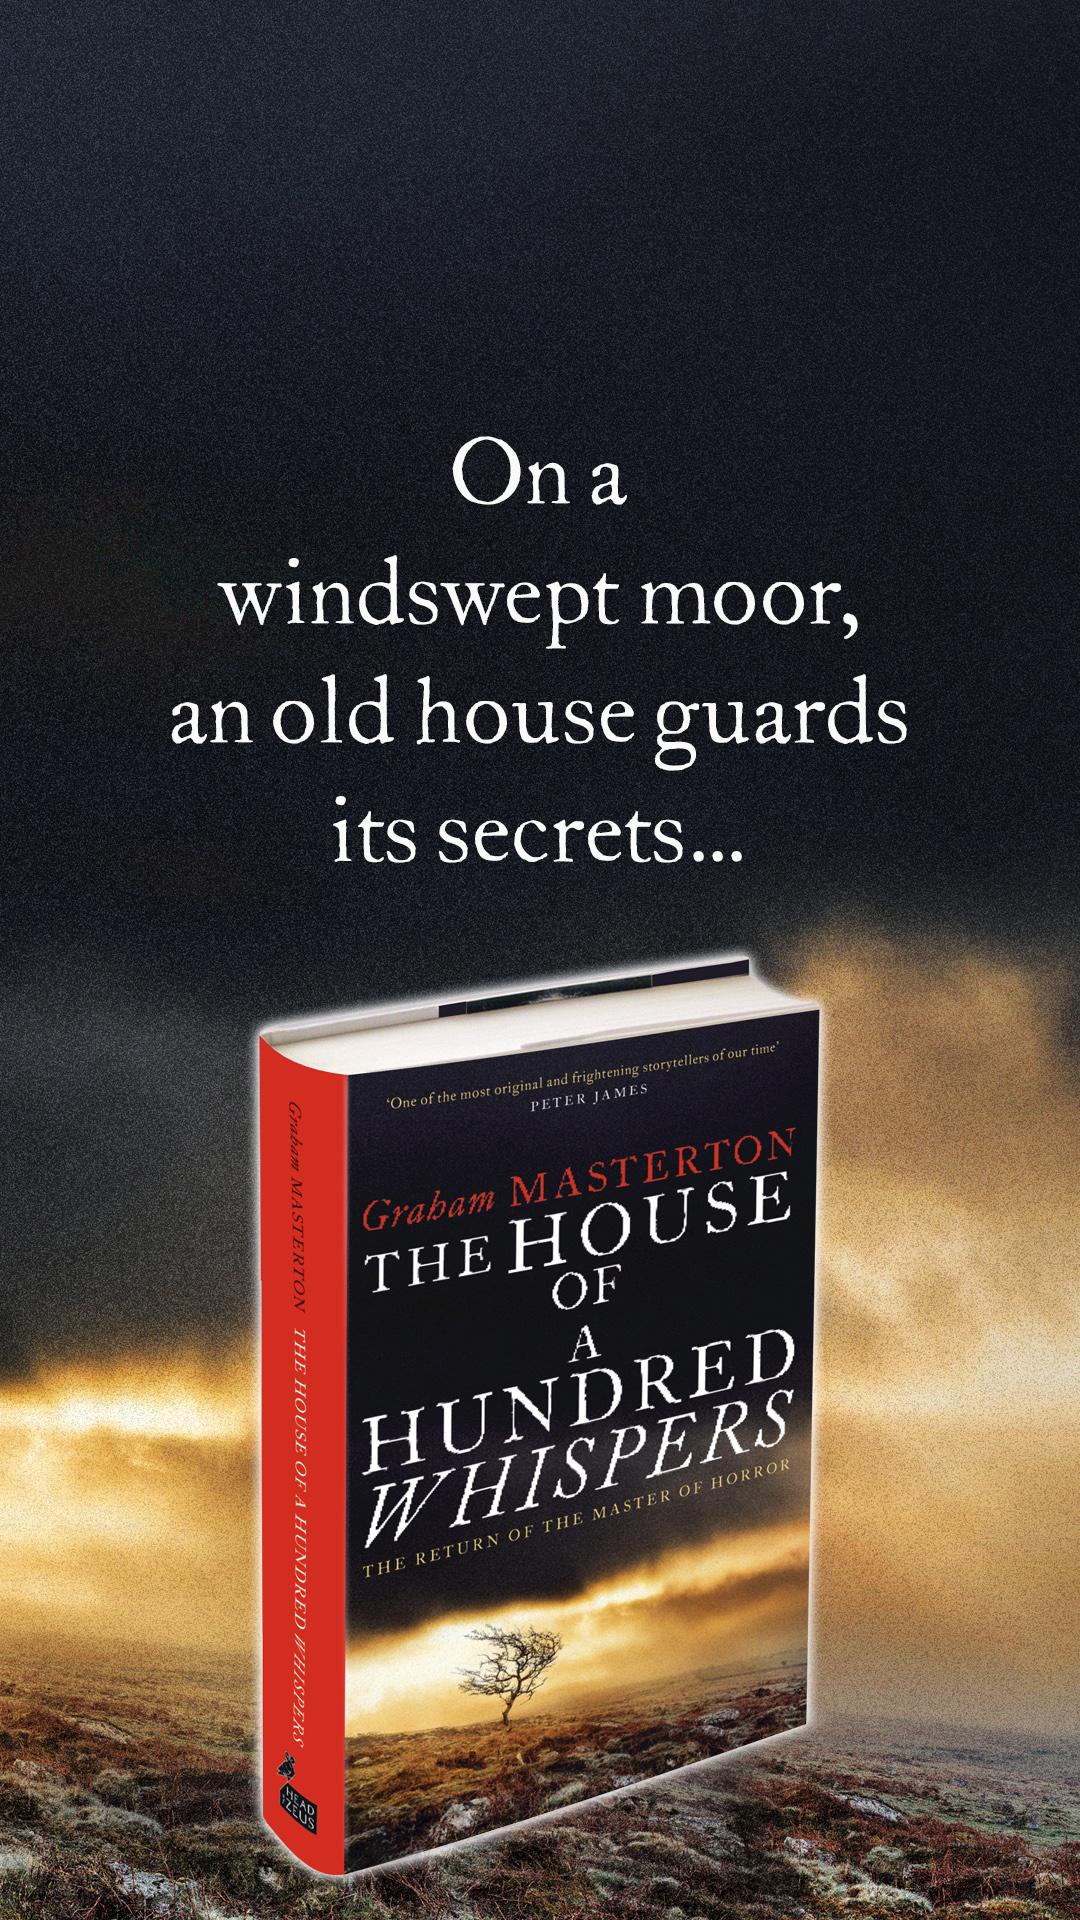 Hundred whispers author instagram story 1